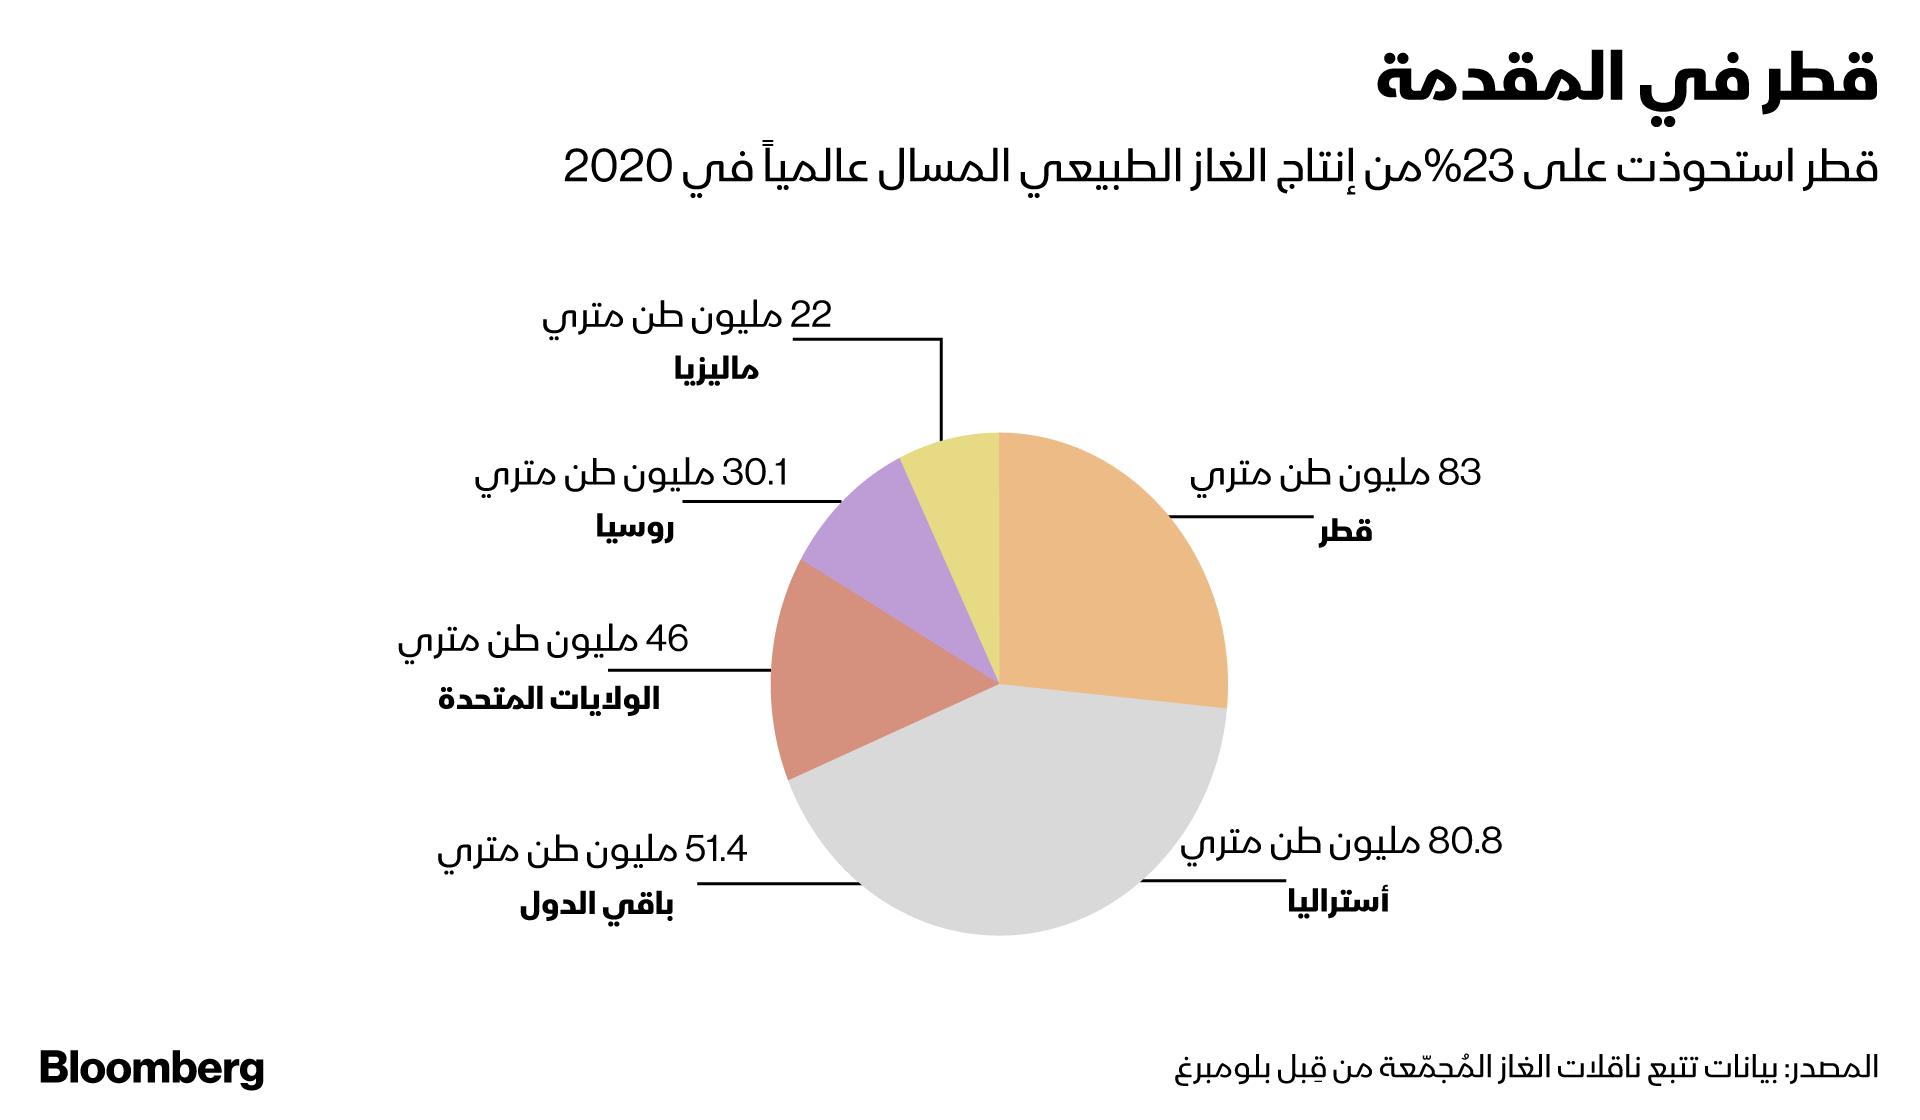 قطر في مقدمة قطاع الغاز عالميا